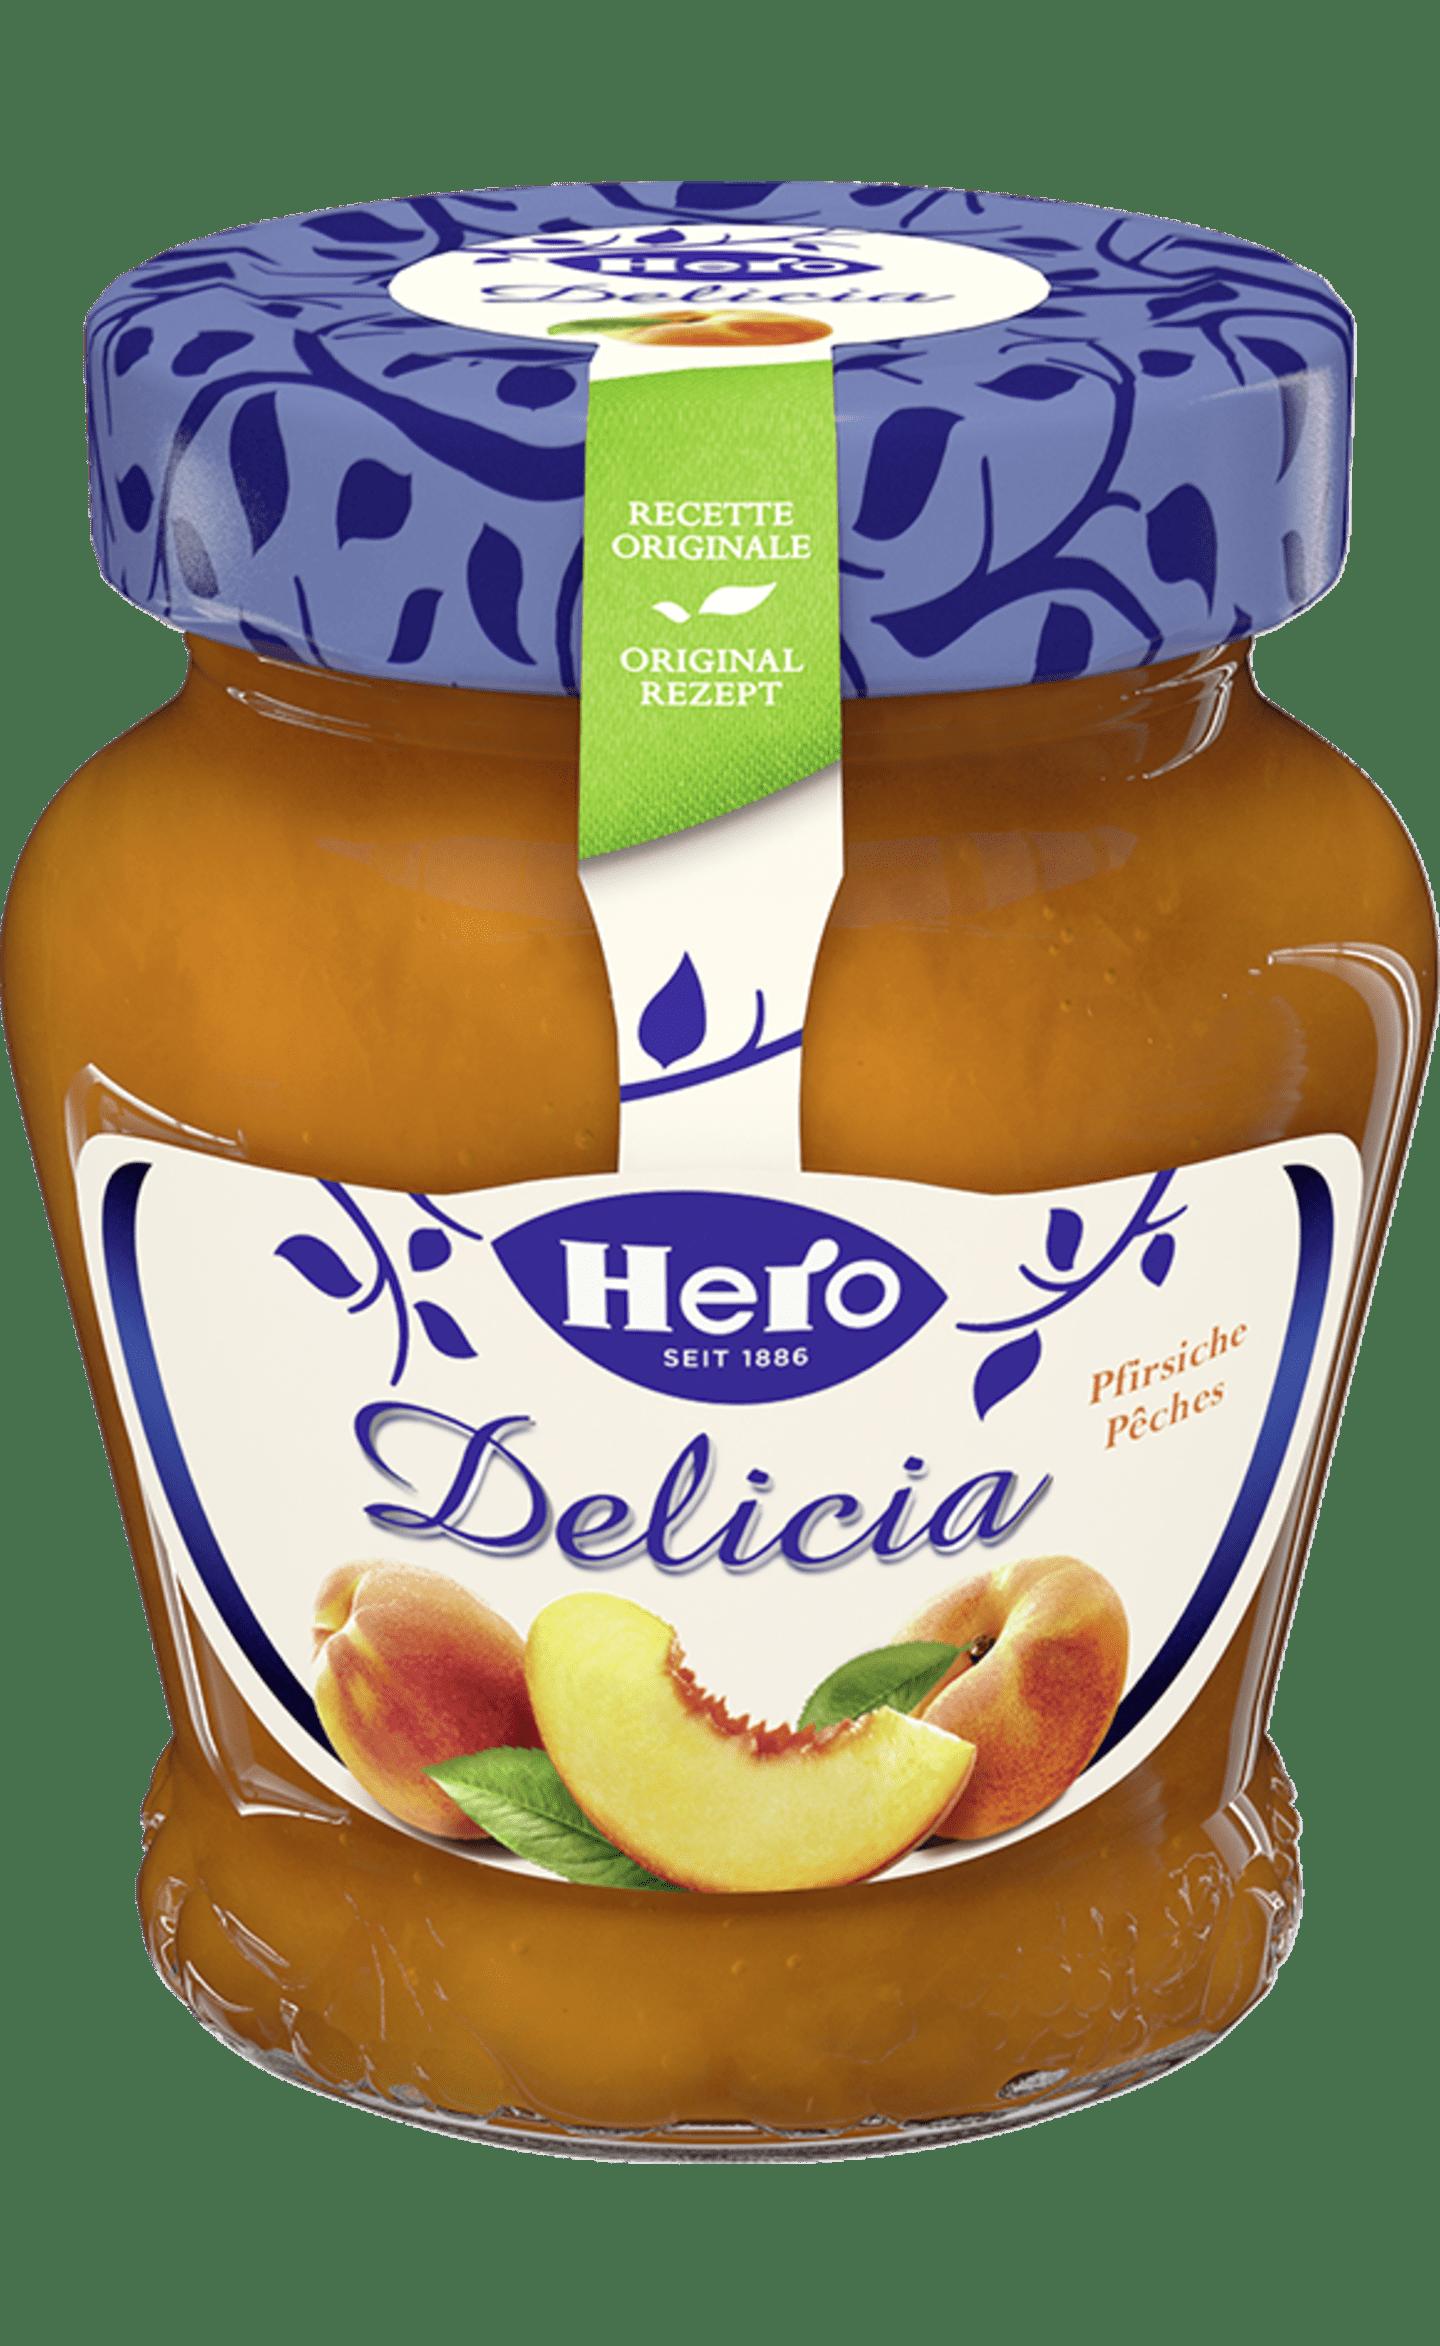 Hero Delicia Konfitüre | Pfirsich